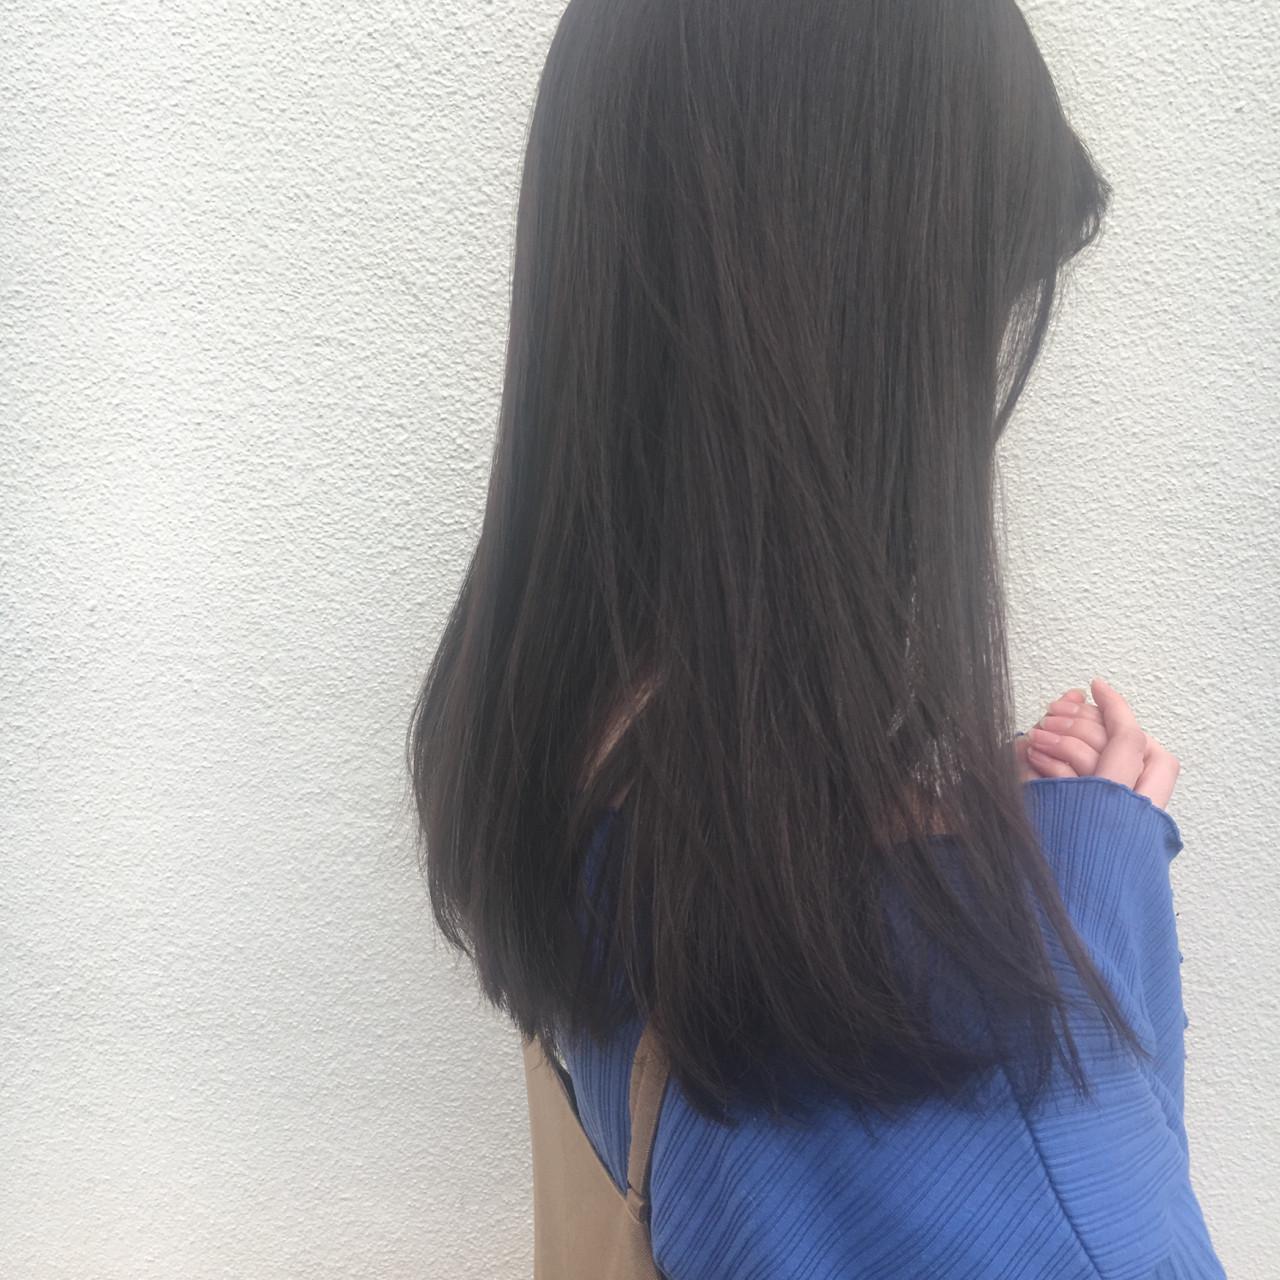 大人かわいい 外国人風 透明感 暗髪 ヘアスタイルや髪型の写真・画像